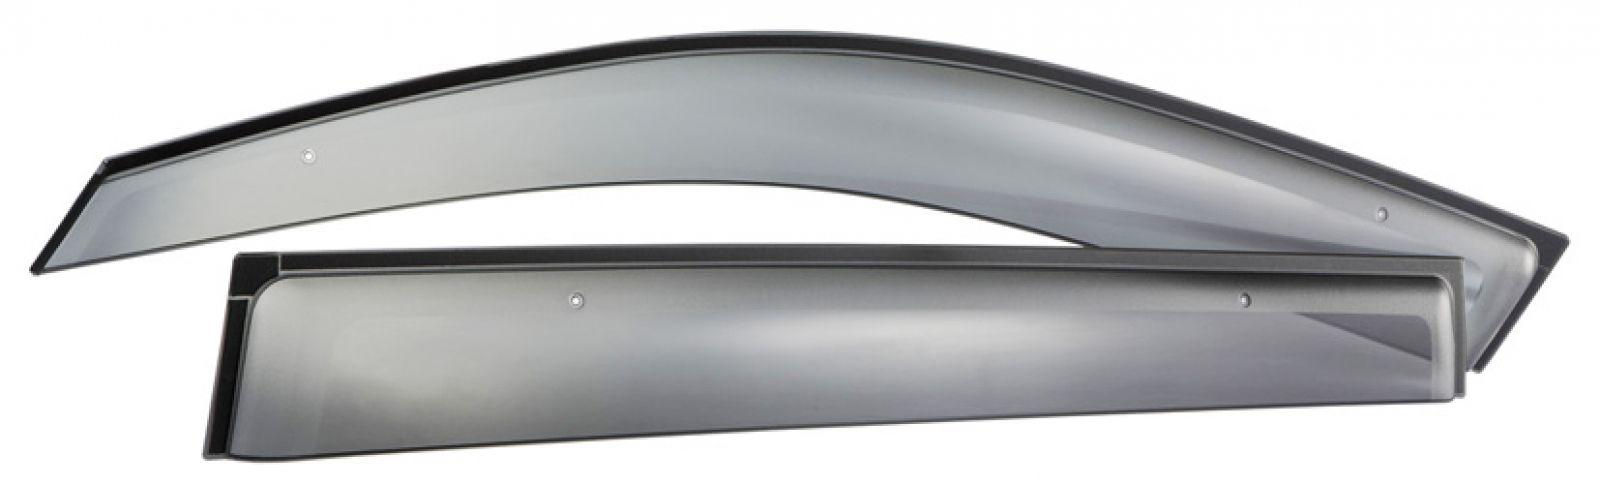 Оригинальные дефлекторы окон Jet brim для Toyota Highlander Luxury (2011+) Светло-дымчатые